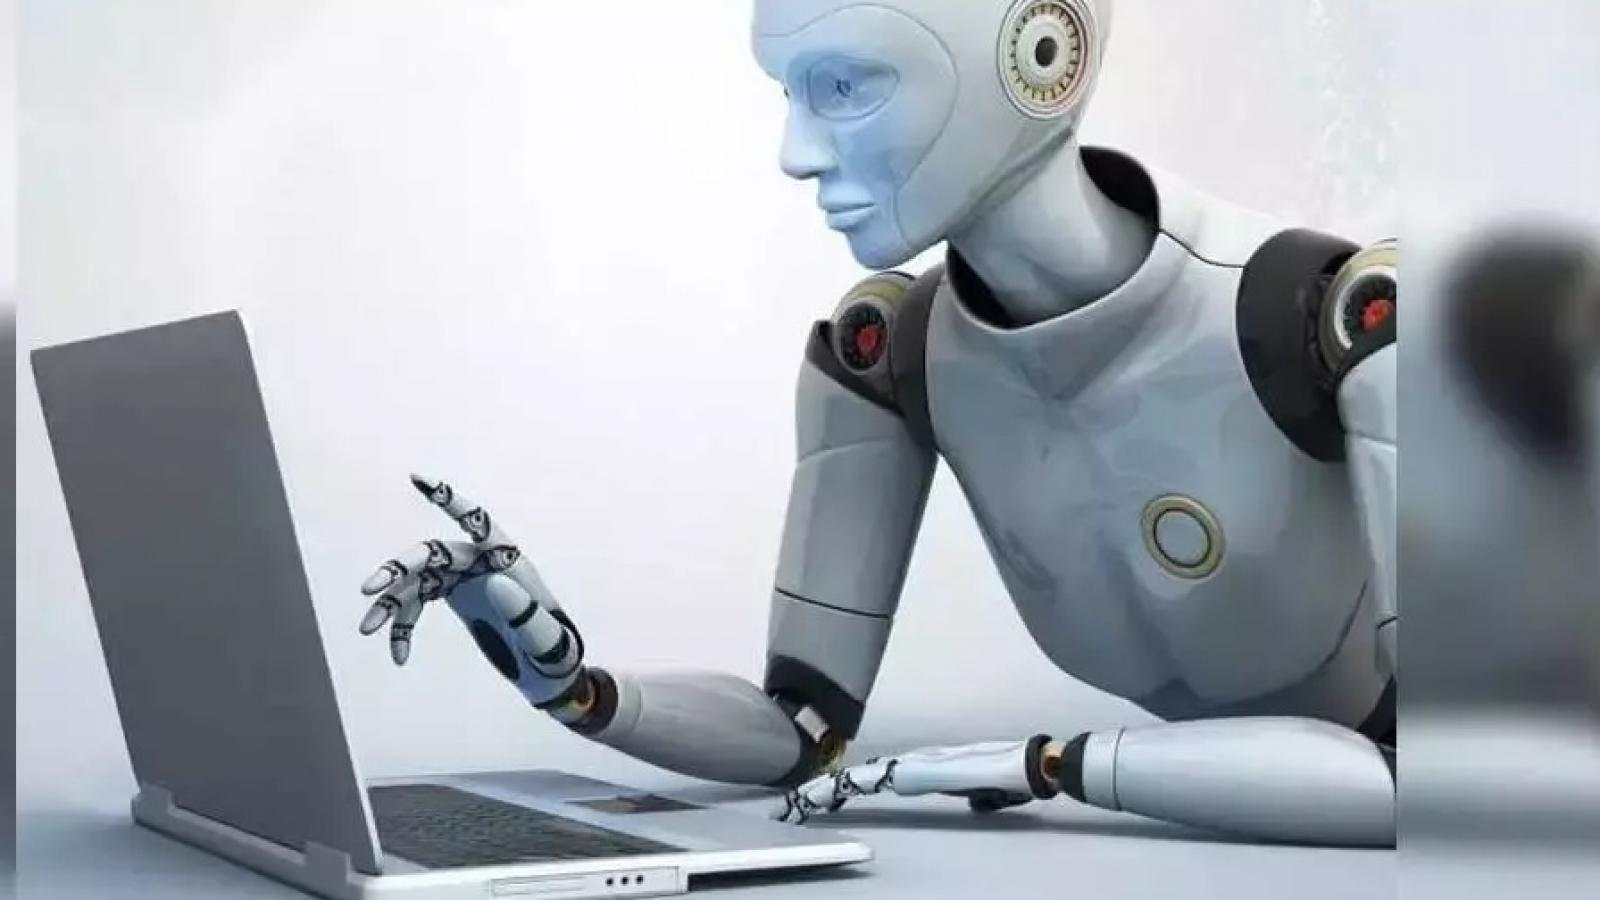 Kinh ngạc bài viết của robot AI không khác gì nhà báo bình luận